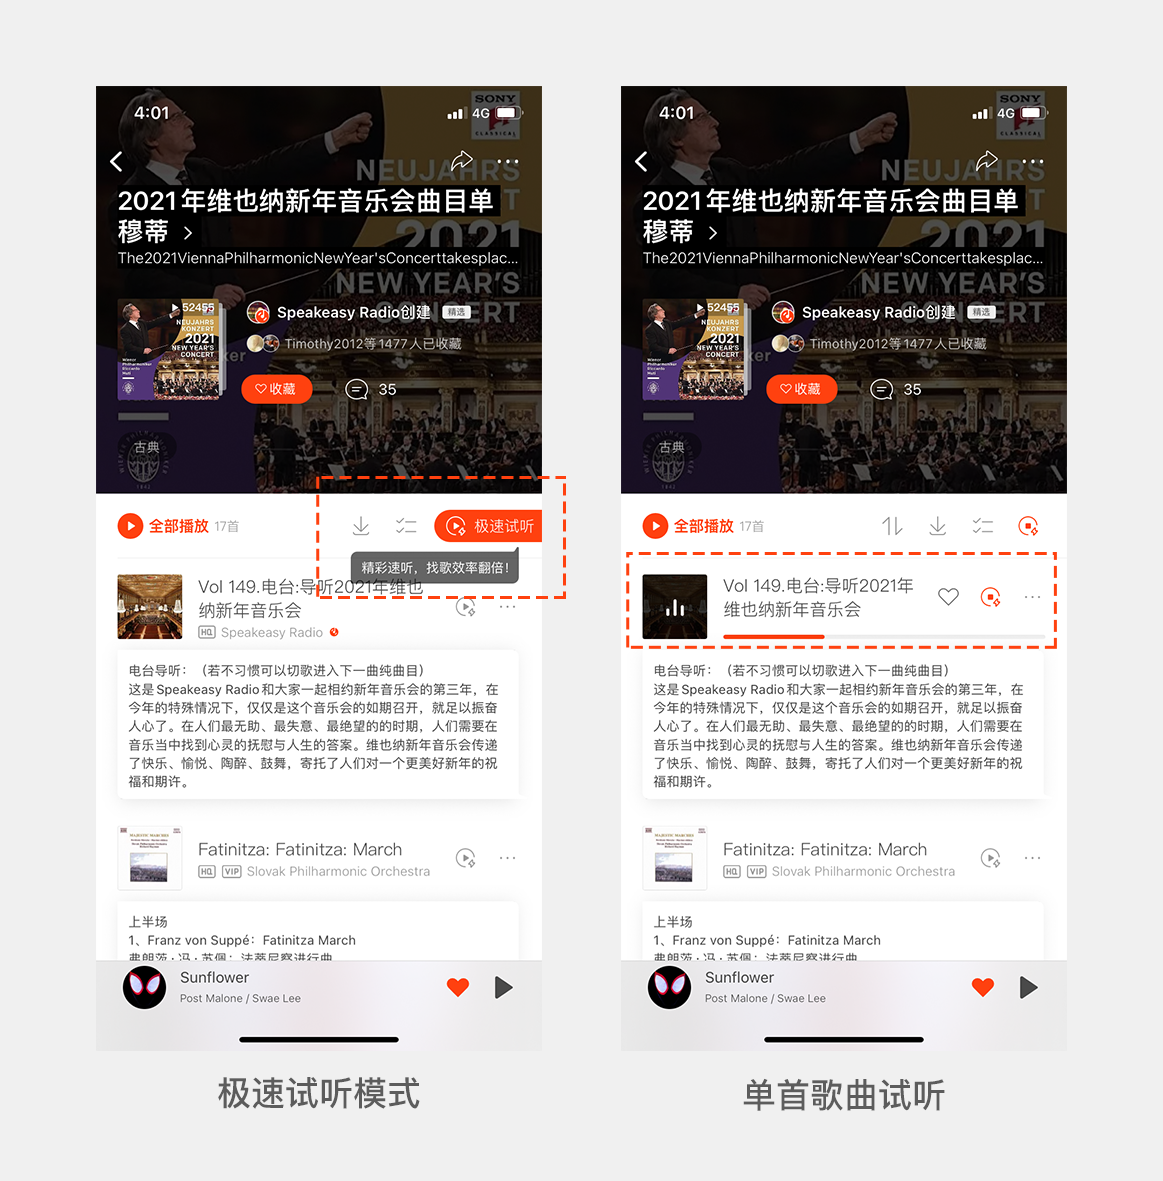 虾米音乐APP中的优秀设计细节插图2